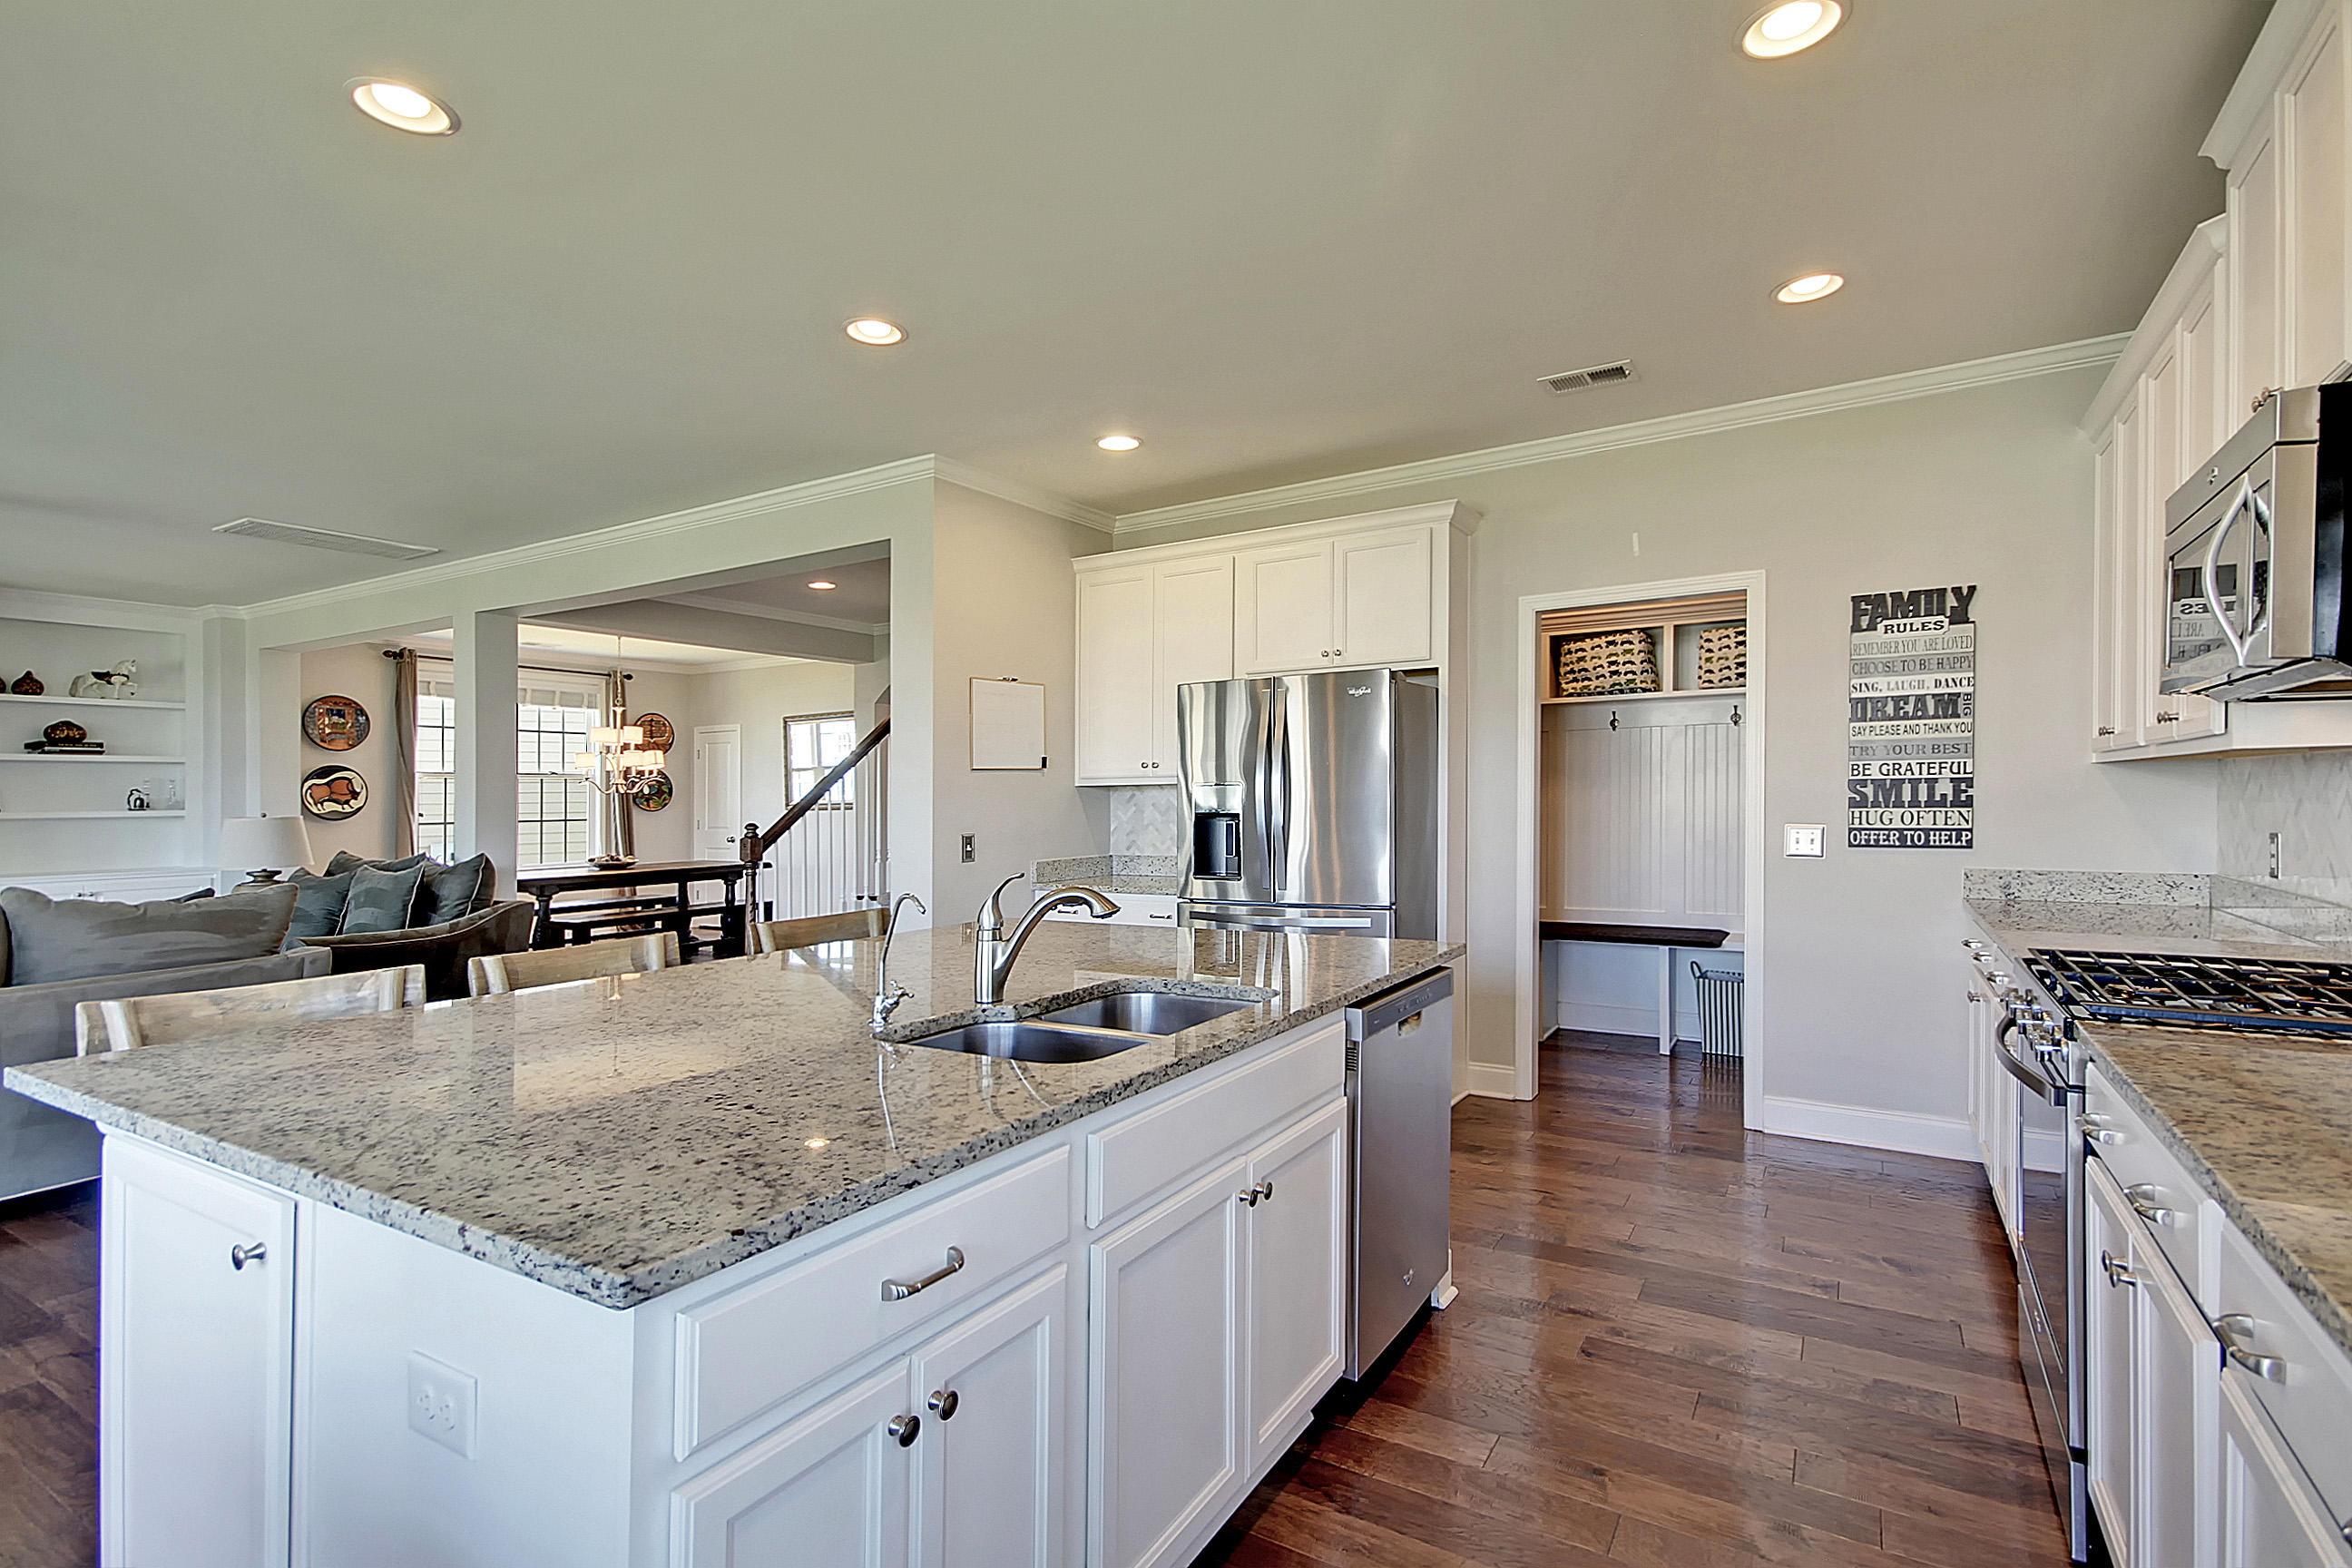 Dunes West Homes For Sale - 1420 Trip Line, Mount Pleasant, SC - 15